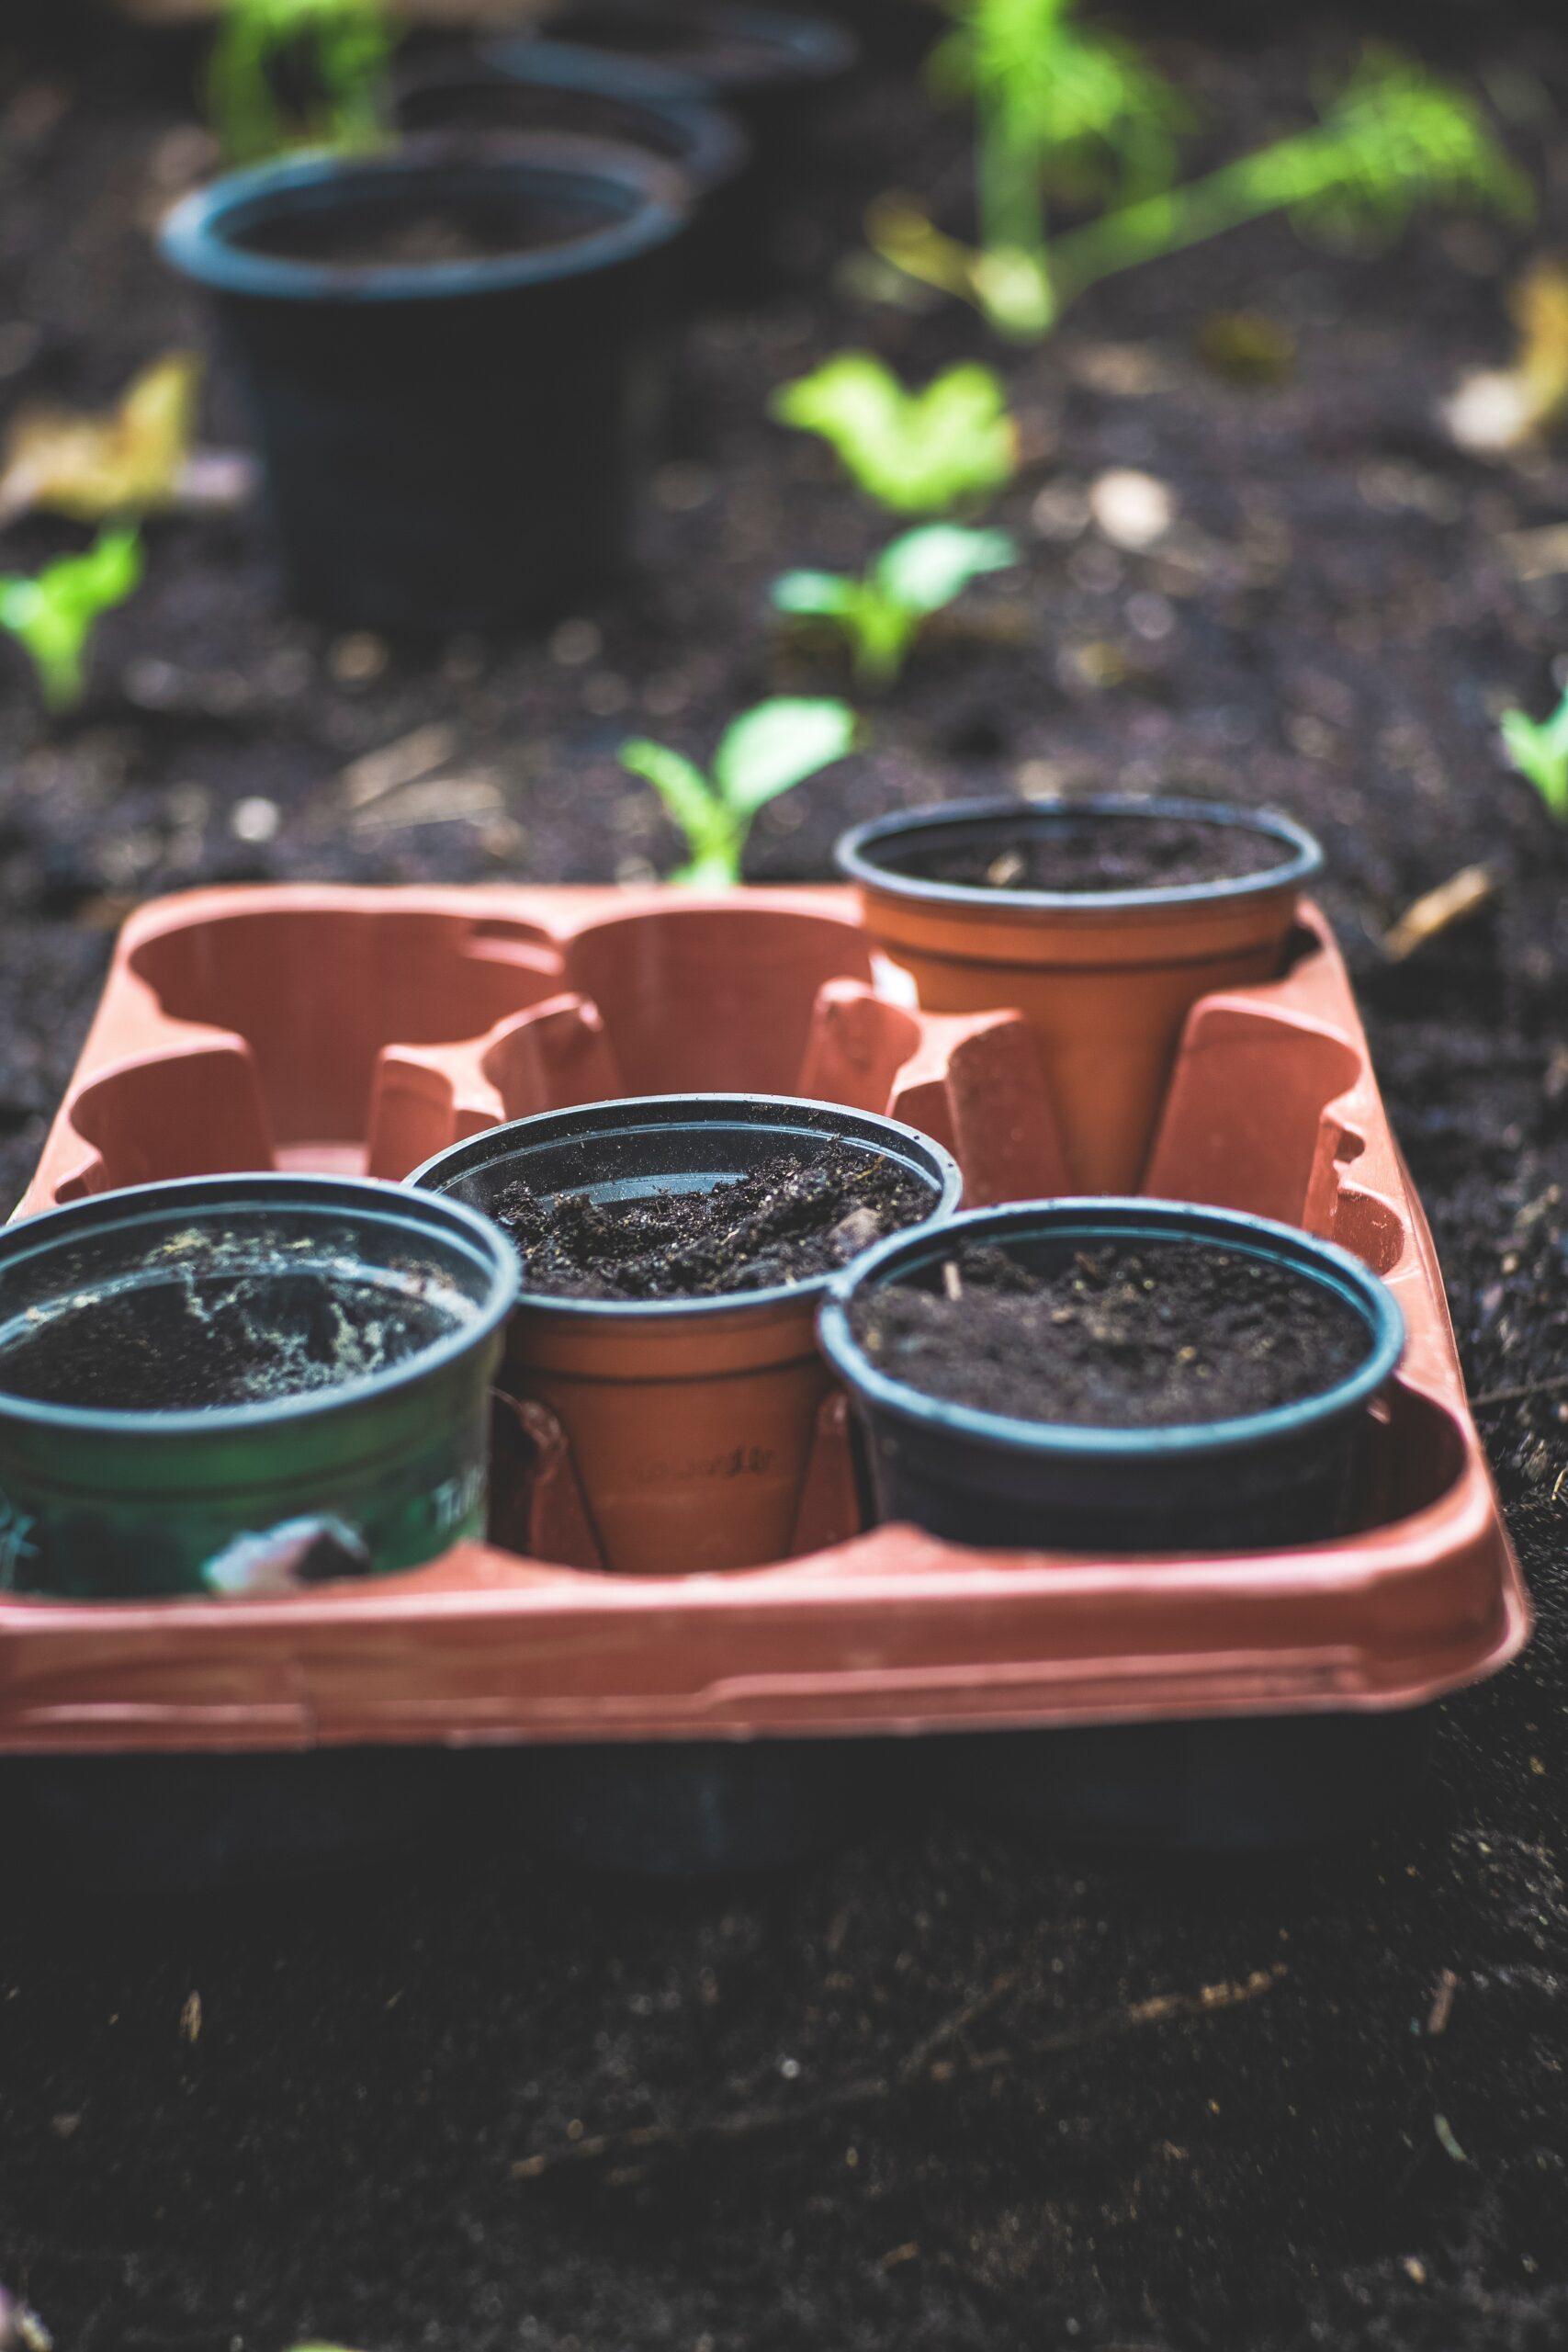 Tips To Improve Garden Soil For An Epic Tomato Harvest